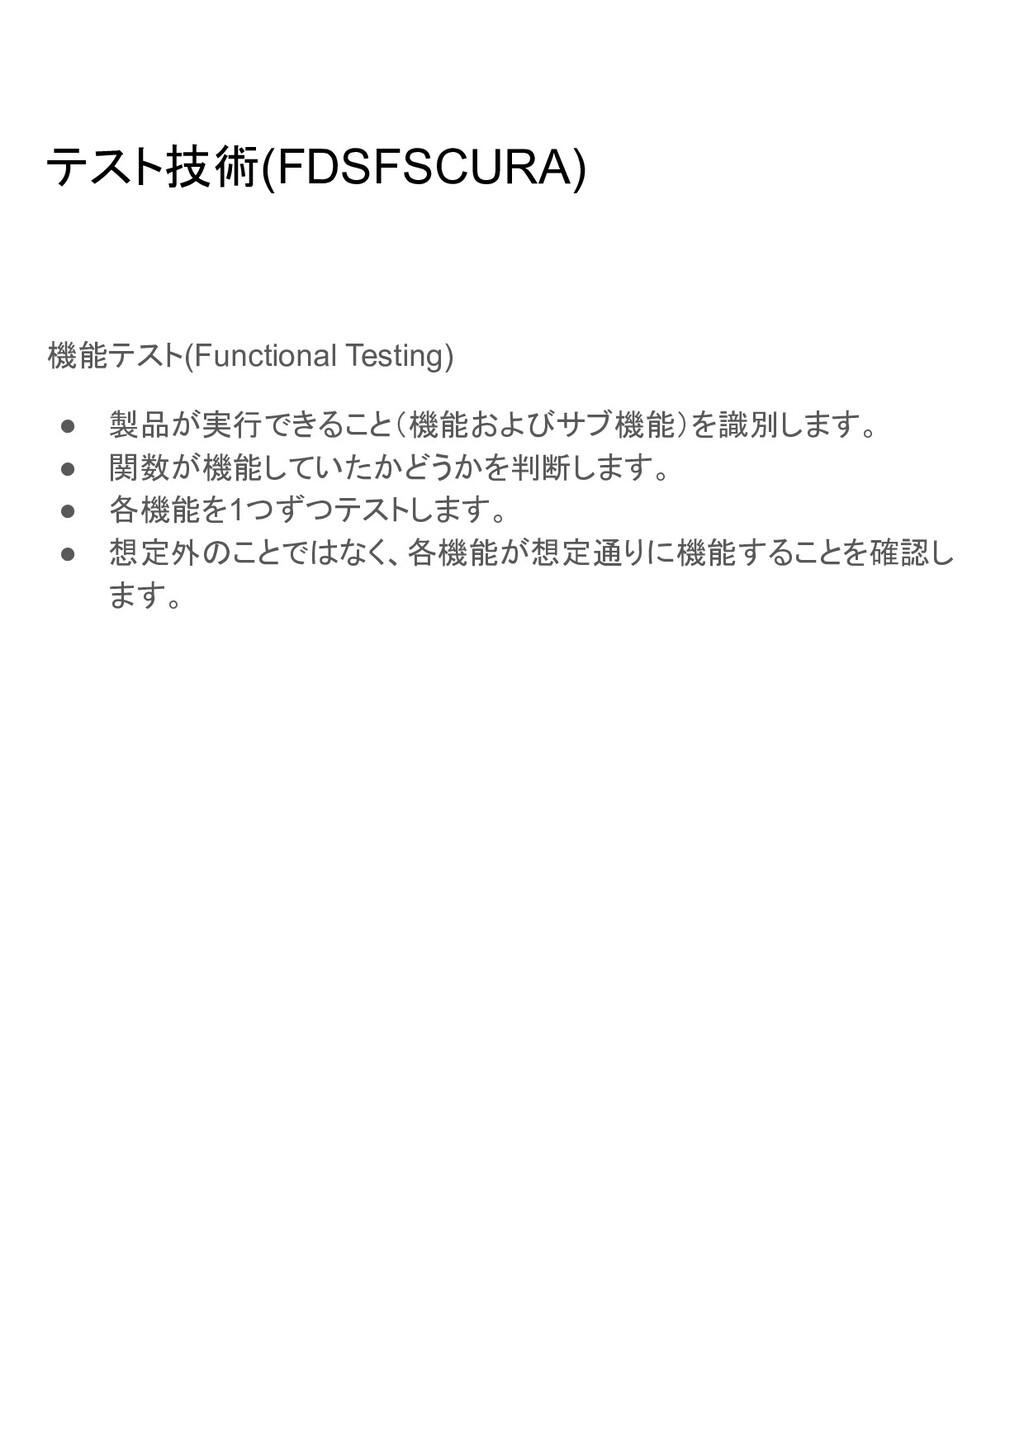 テスト技術(FDSFSCURA) 機能テスト(Functional Testing) ● 製品...